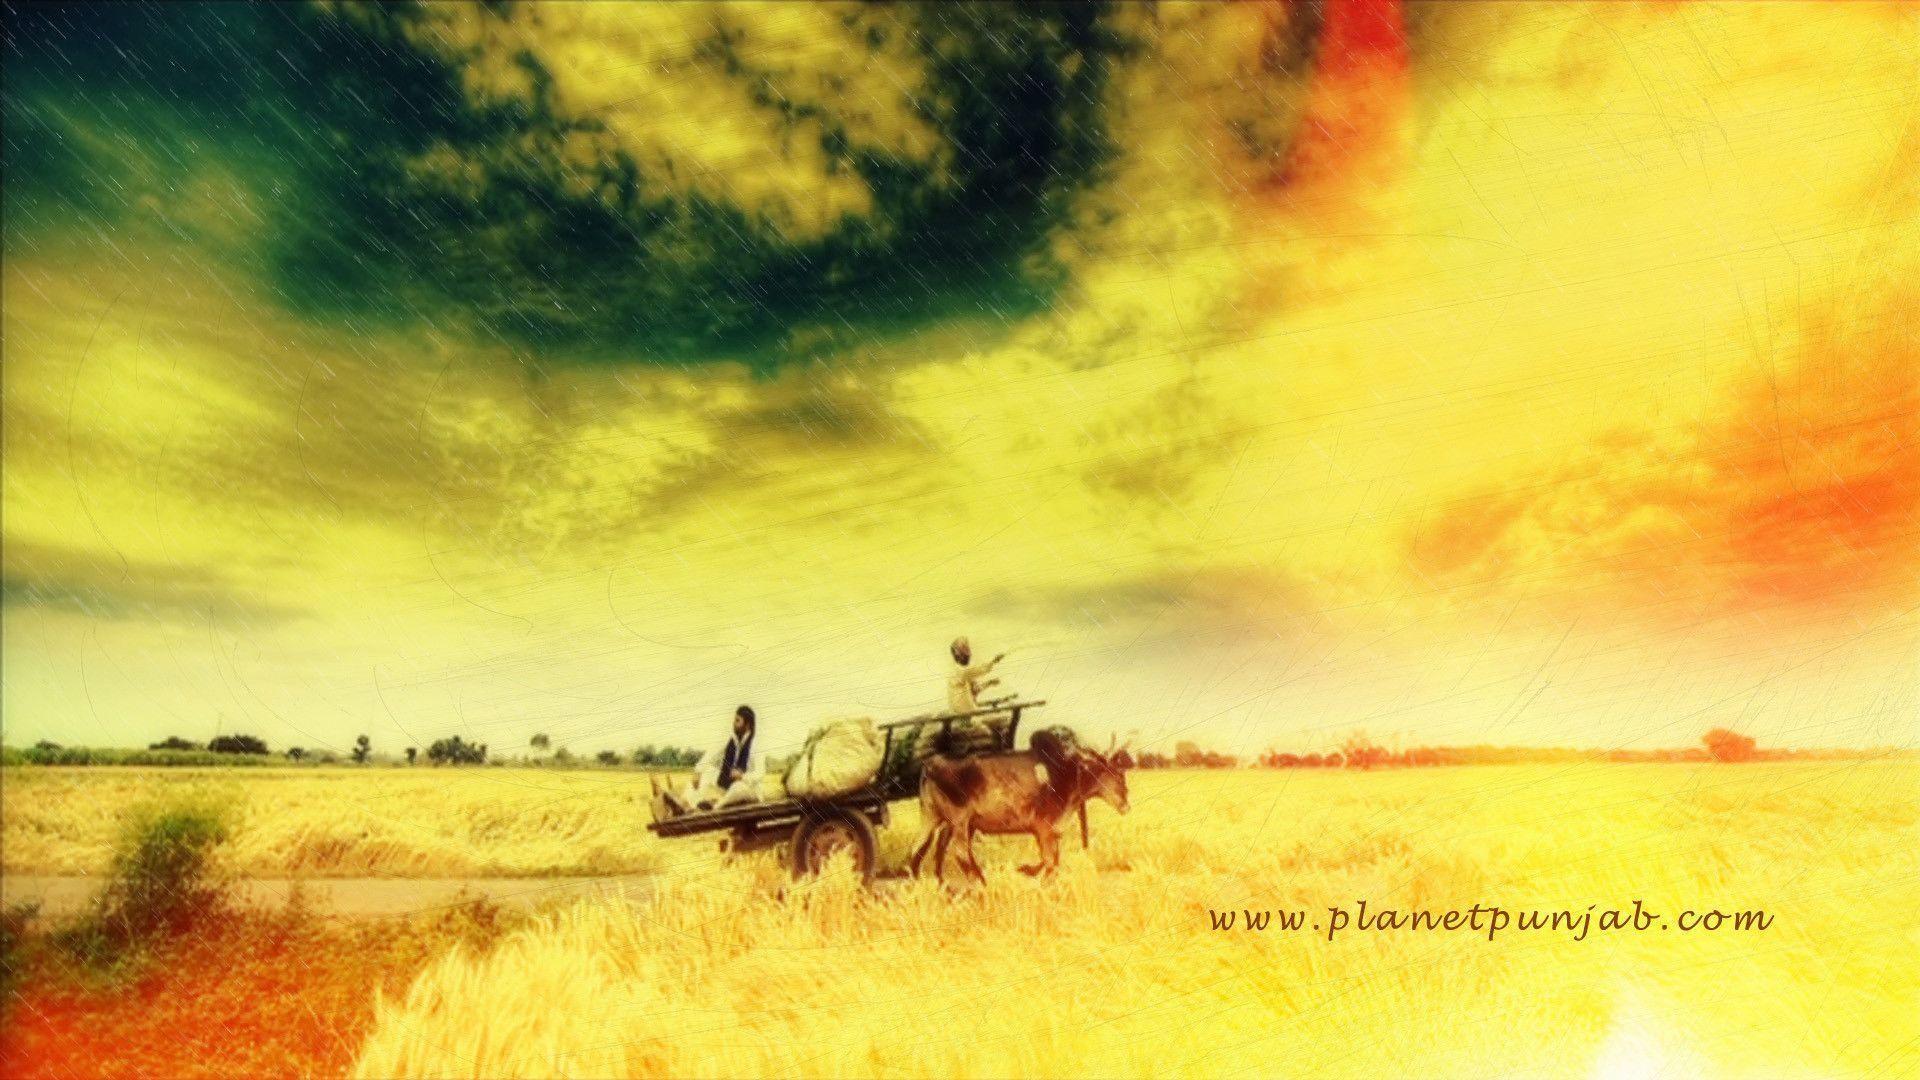 Punjab wallpapers 56 images - Punjaban wallpaper ...